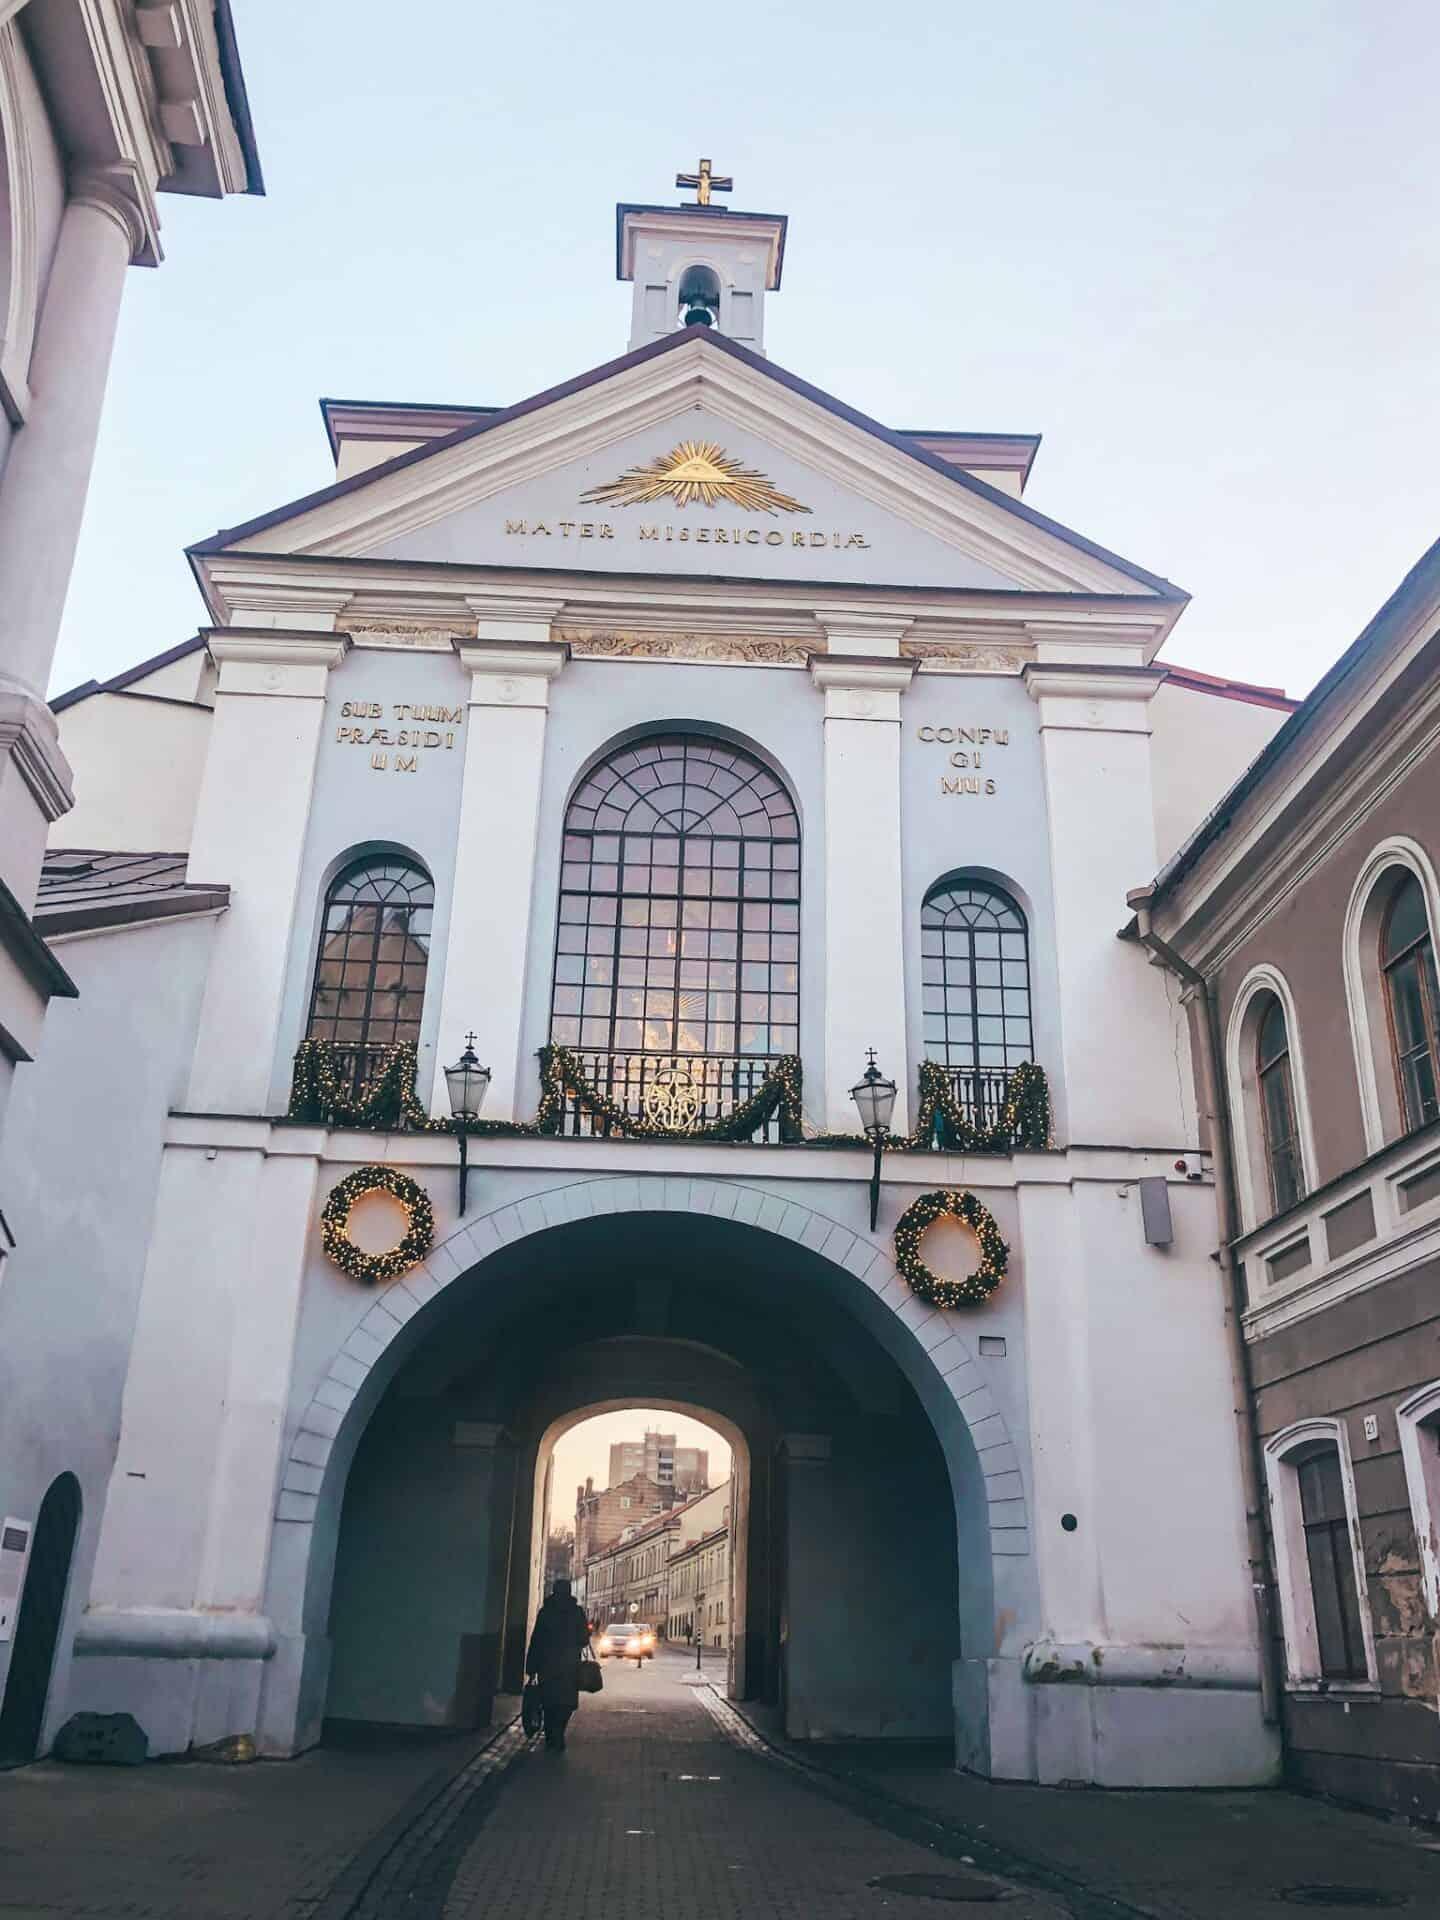 A medieval city gate